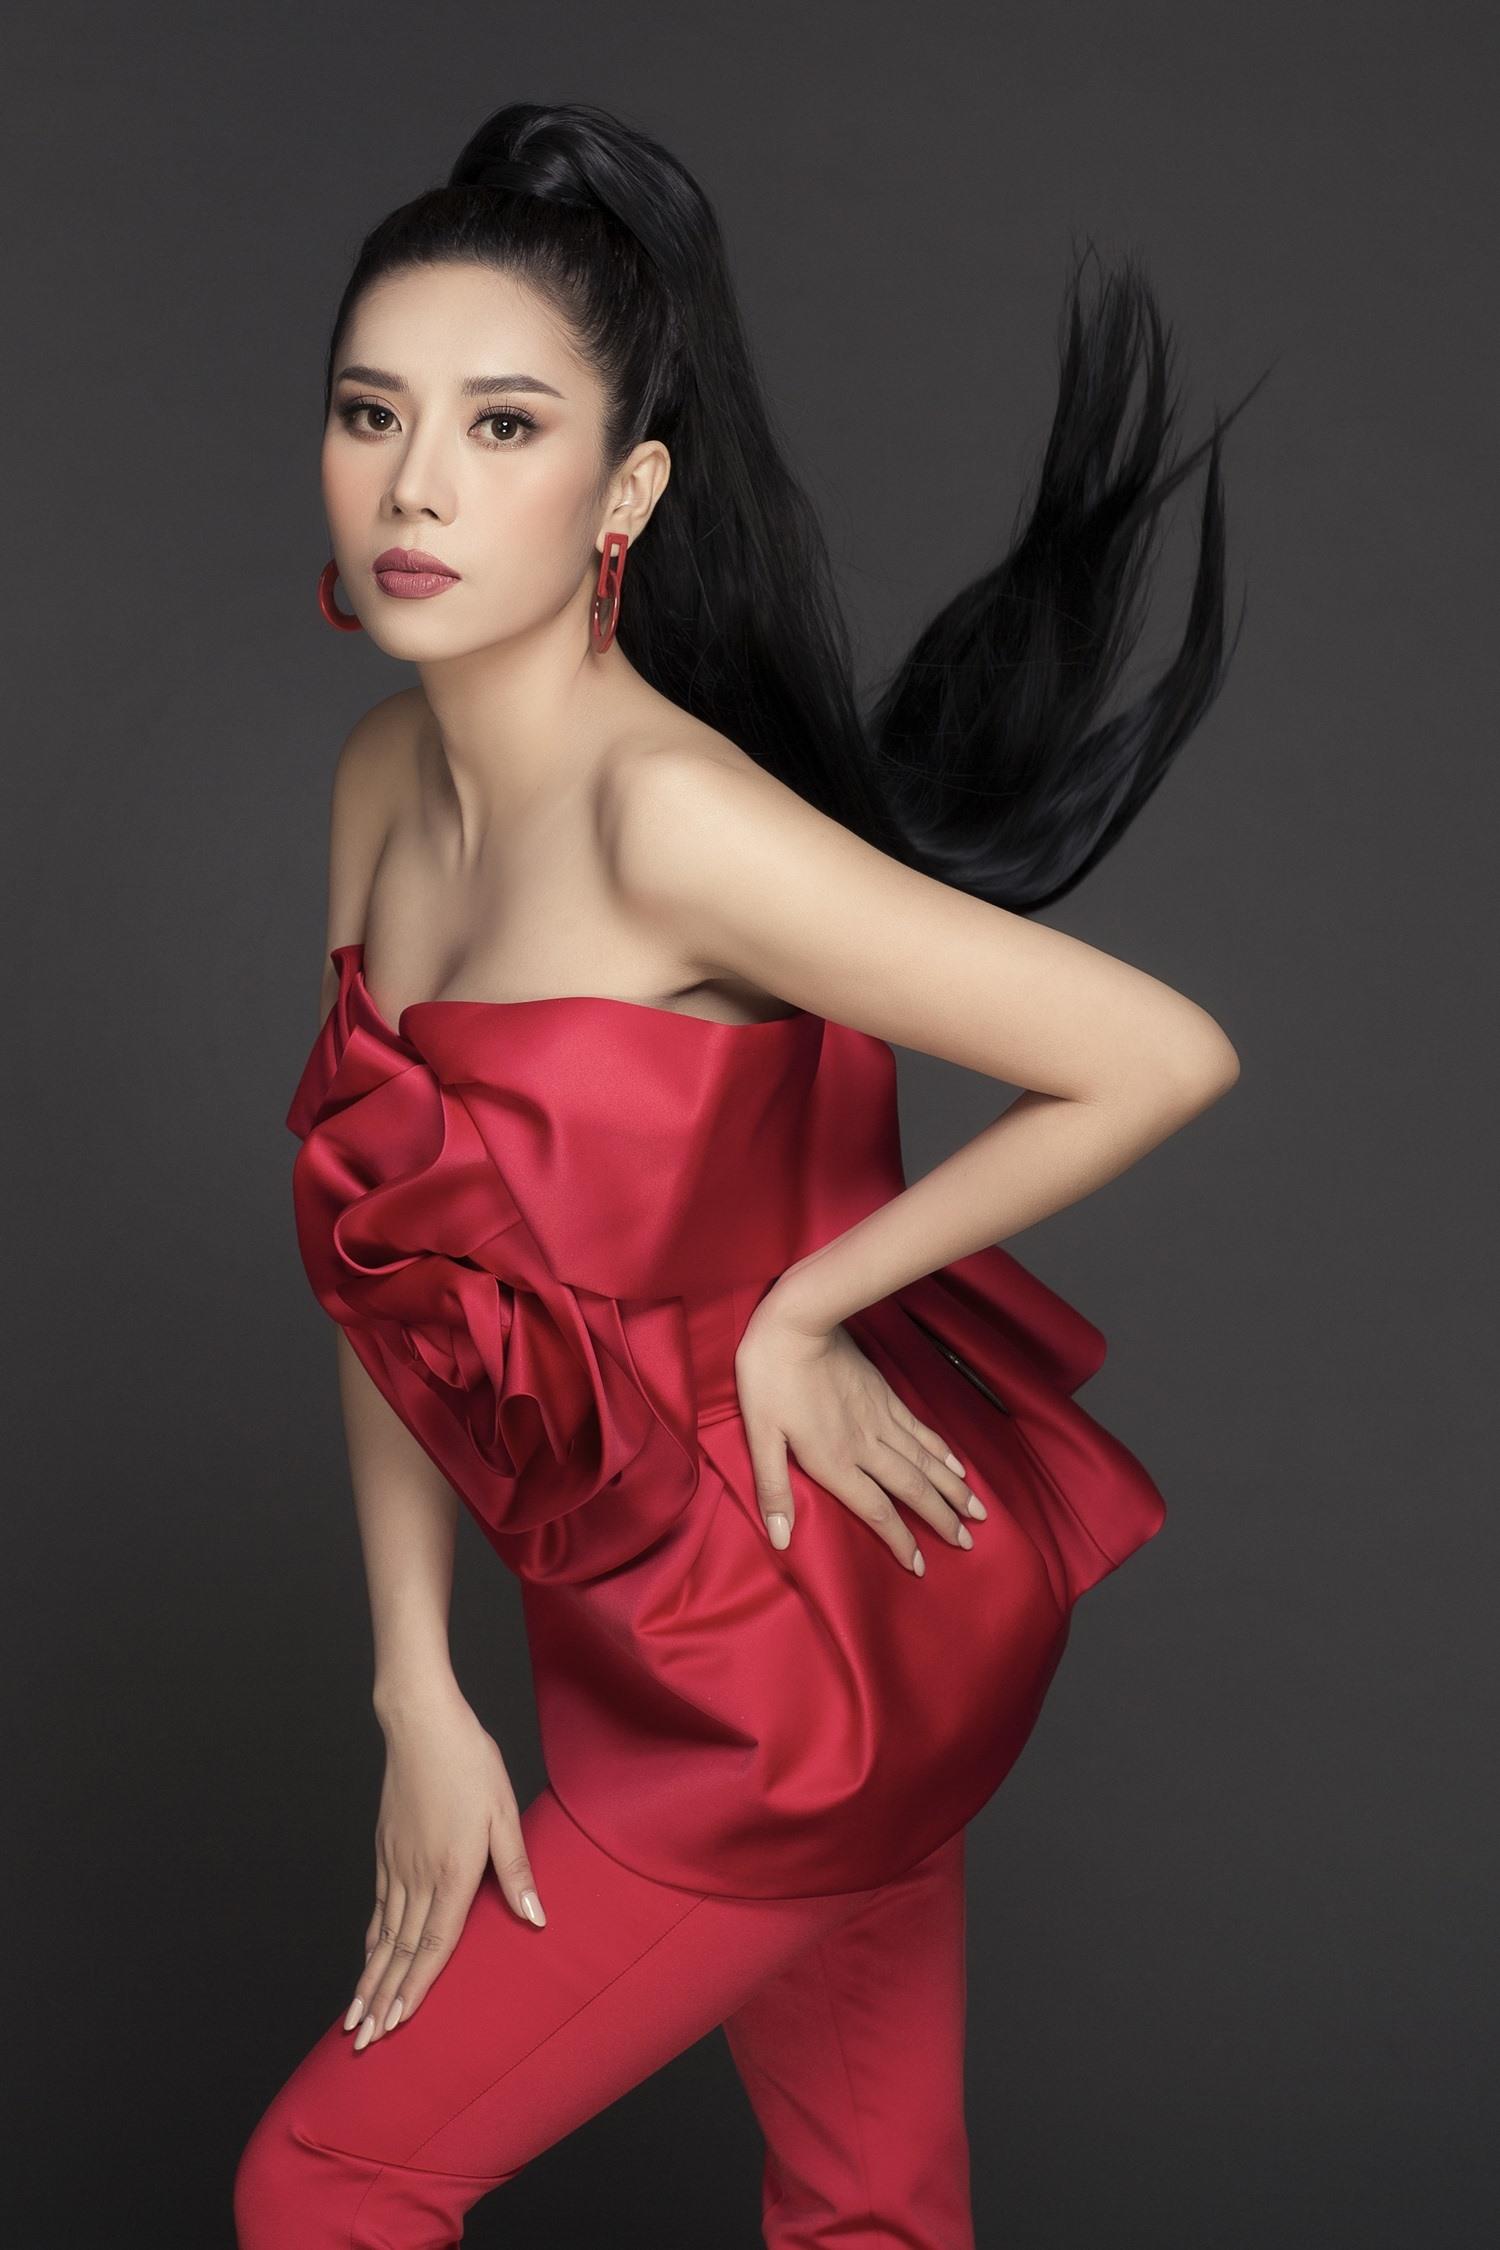 Diện bộ trang phục màu đỏ được thiết kế ấn tượng, có điểm nhấn là bông hồng độc đáo khoe đôi vai thon thả, Dương Yến Nhung dễ dàng lôi cuốn được sự chú ý của mọi người vì vừa ngọt ngào nhưng lại đầy vẻ kiêu sa. Bên cạnh đó, Dương Yến Nhung cũng thử sức với những dáng chụp ảnh mới như nghiêng mình, nắm tóc... để mang đến sự thú vị cho bộ ảnh. Với bề dày hoạt động nhiều năm trong nghệ thuật, cô luôn biết cách làm mới hình ảnh và phong cách của mình trong mắt công chúng.Ảnh: Phan Tiến Vũ